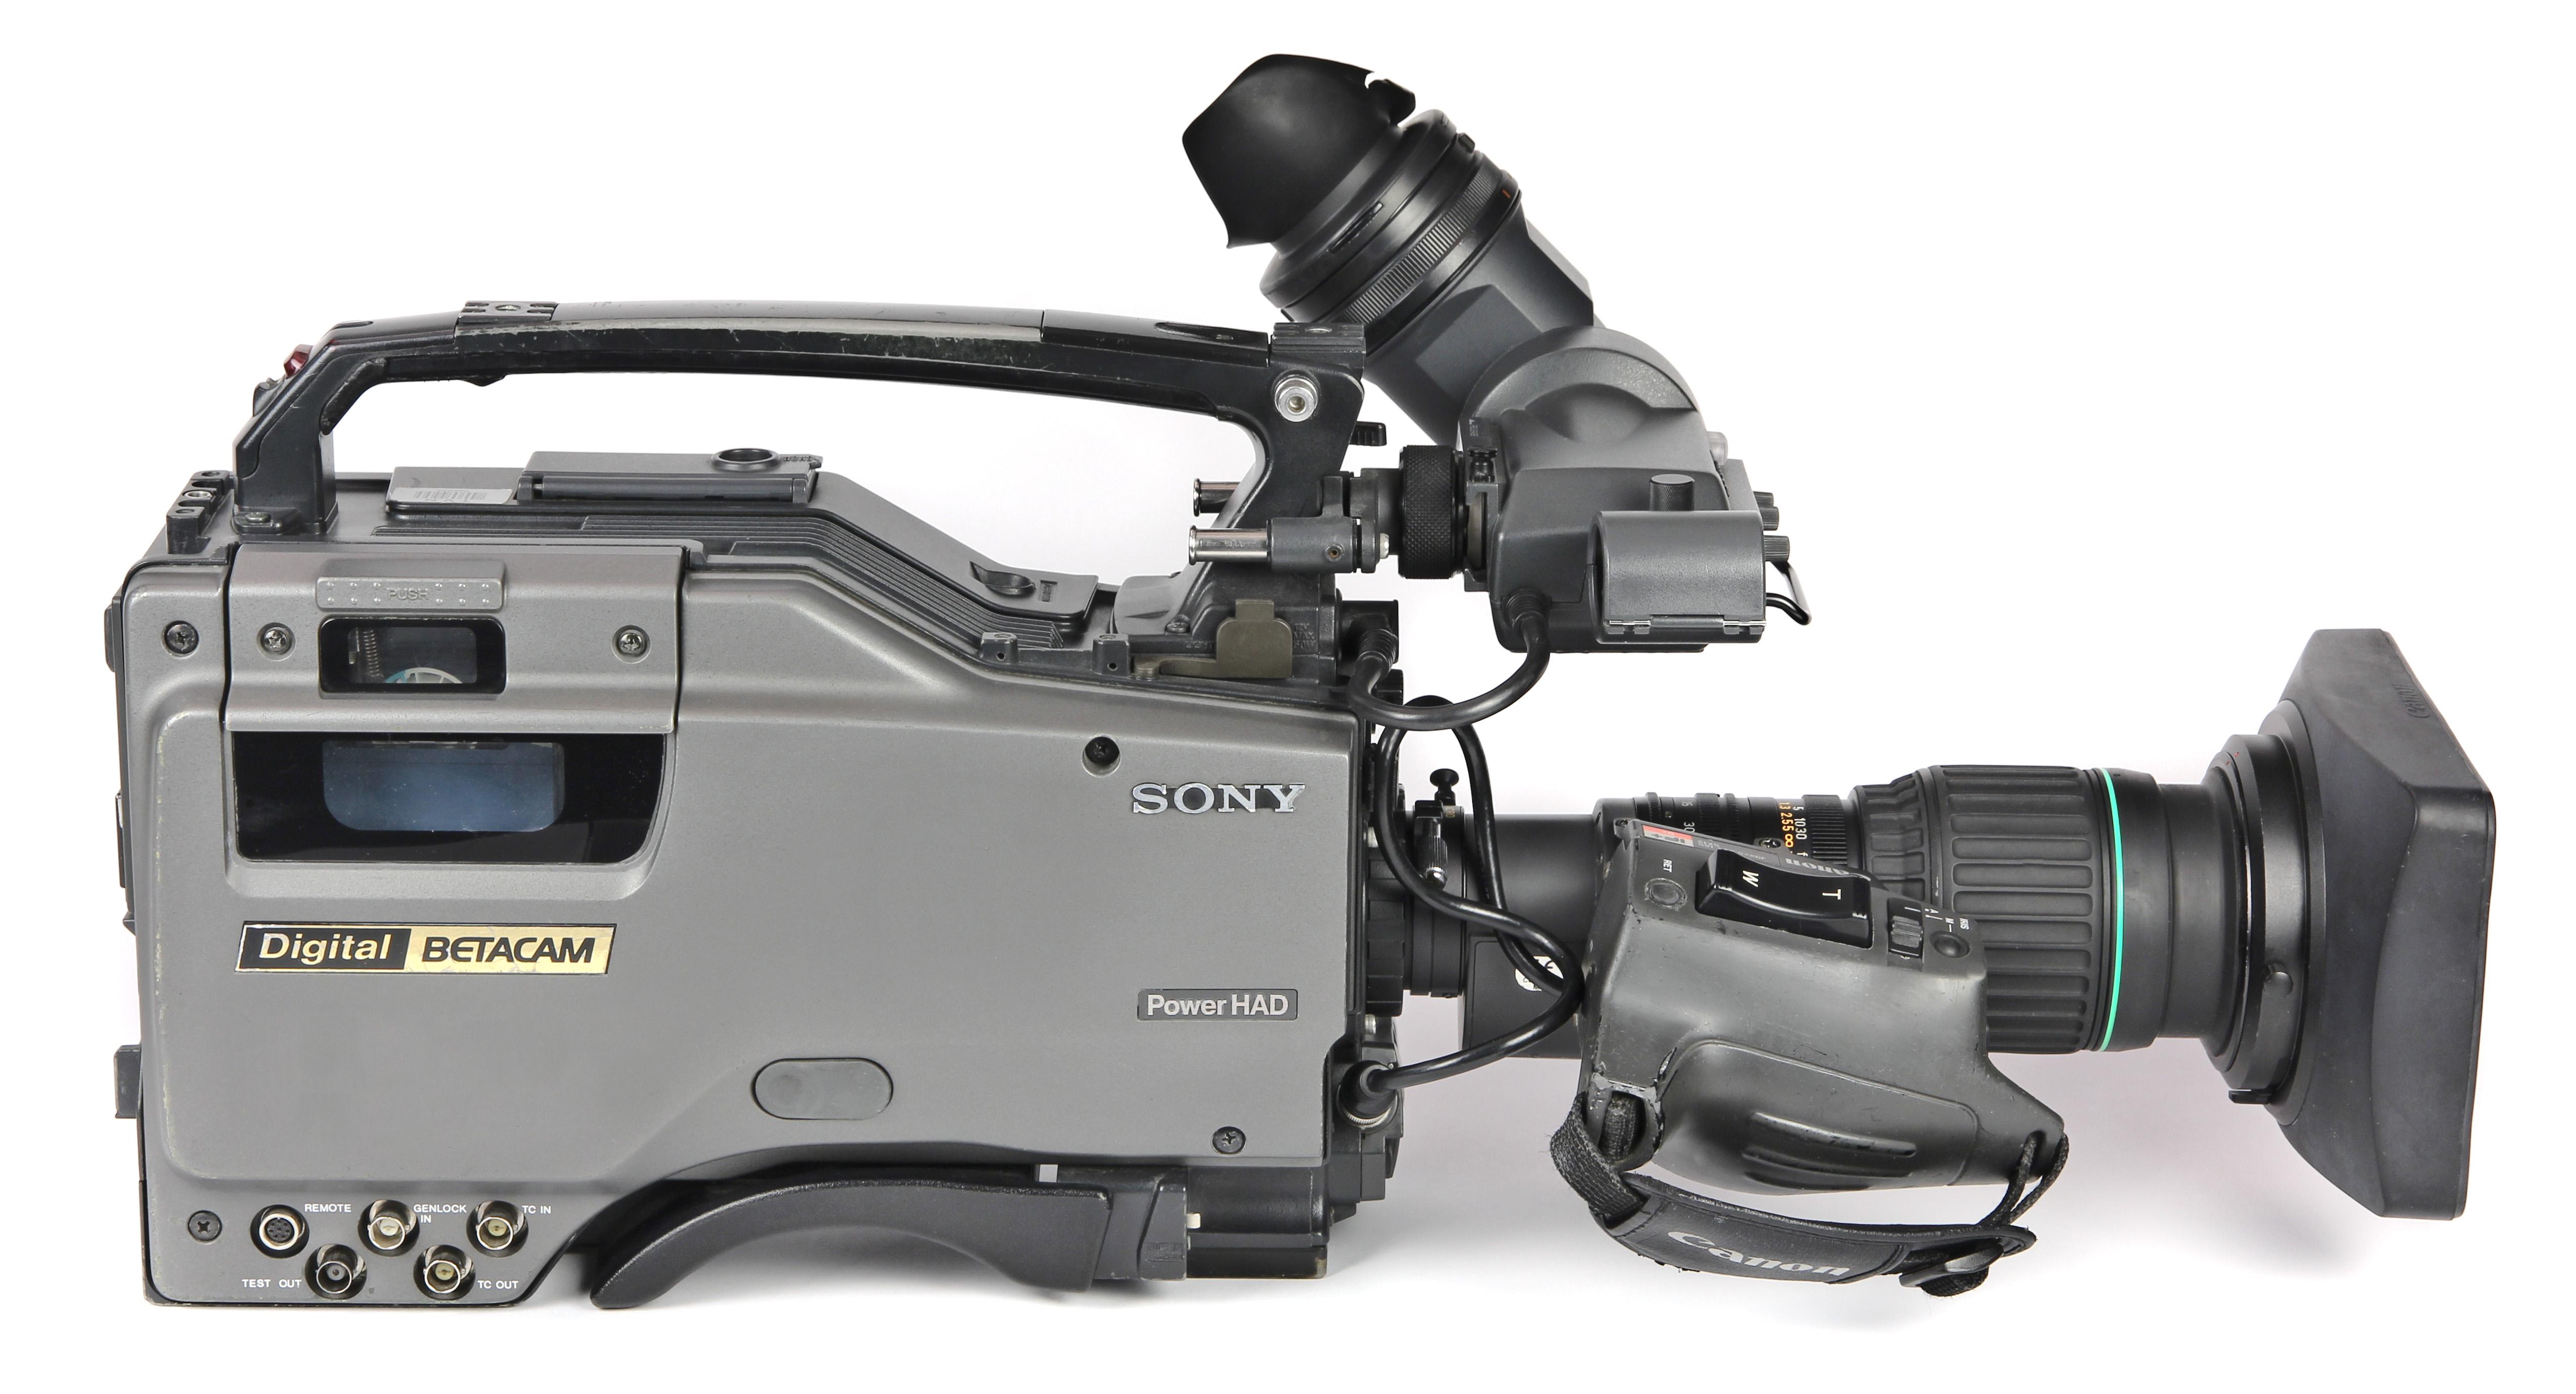 SONY DVW-700P - 4